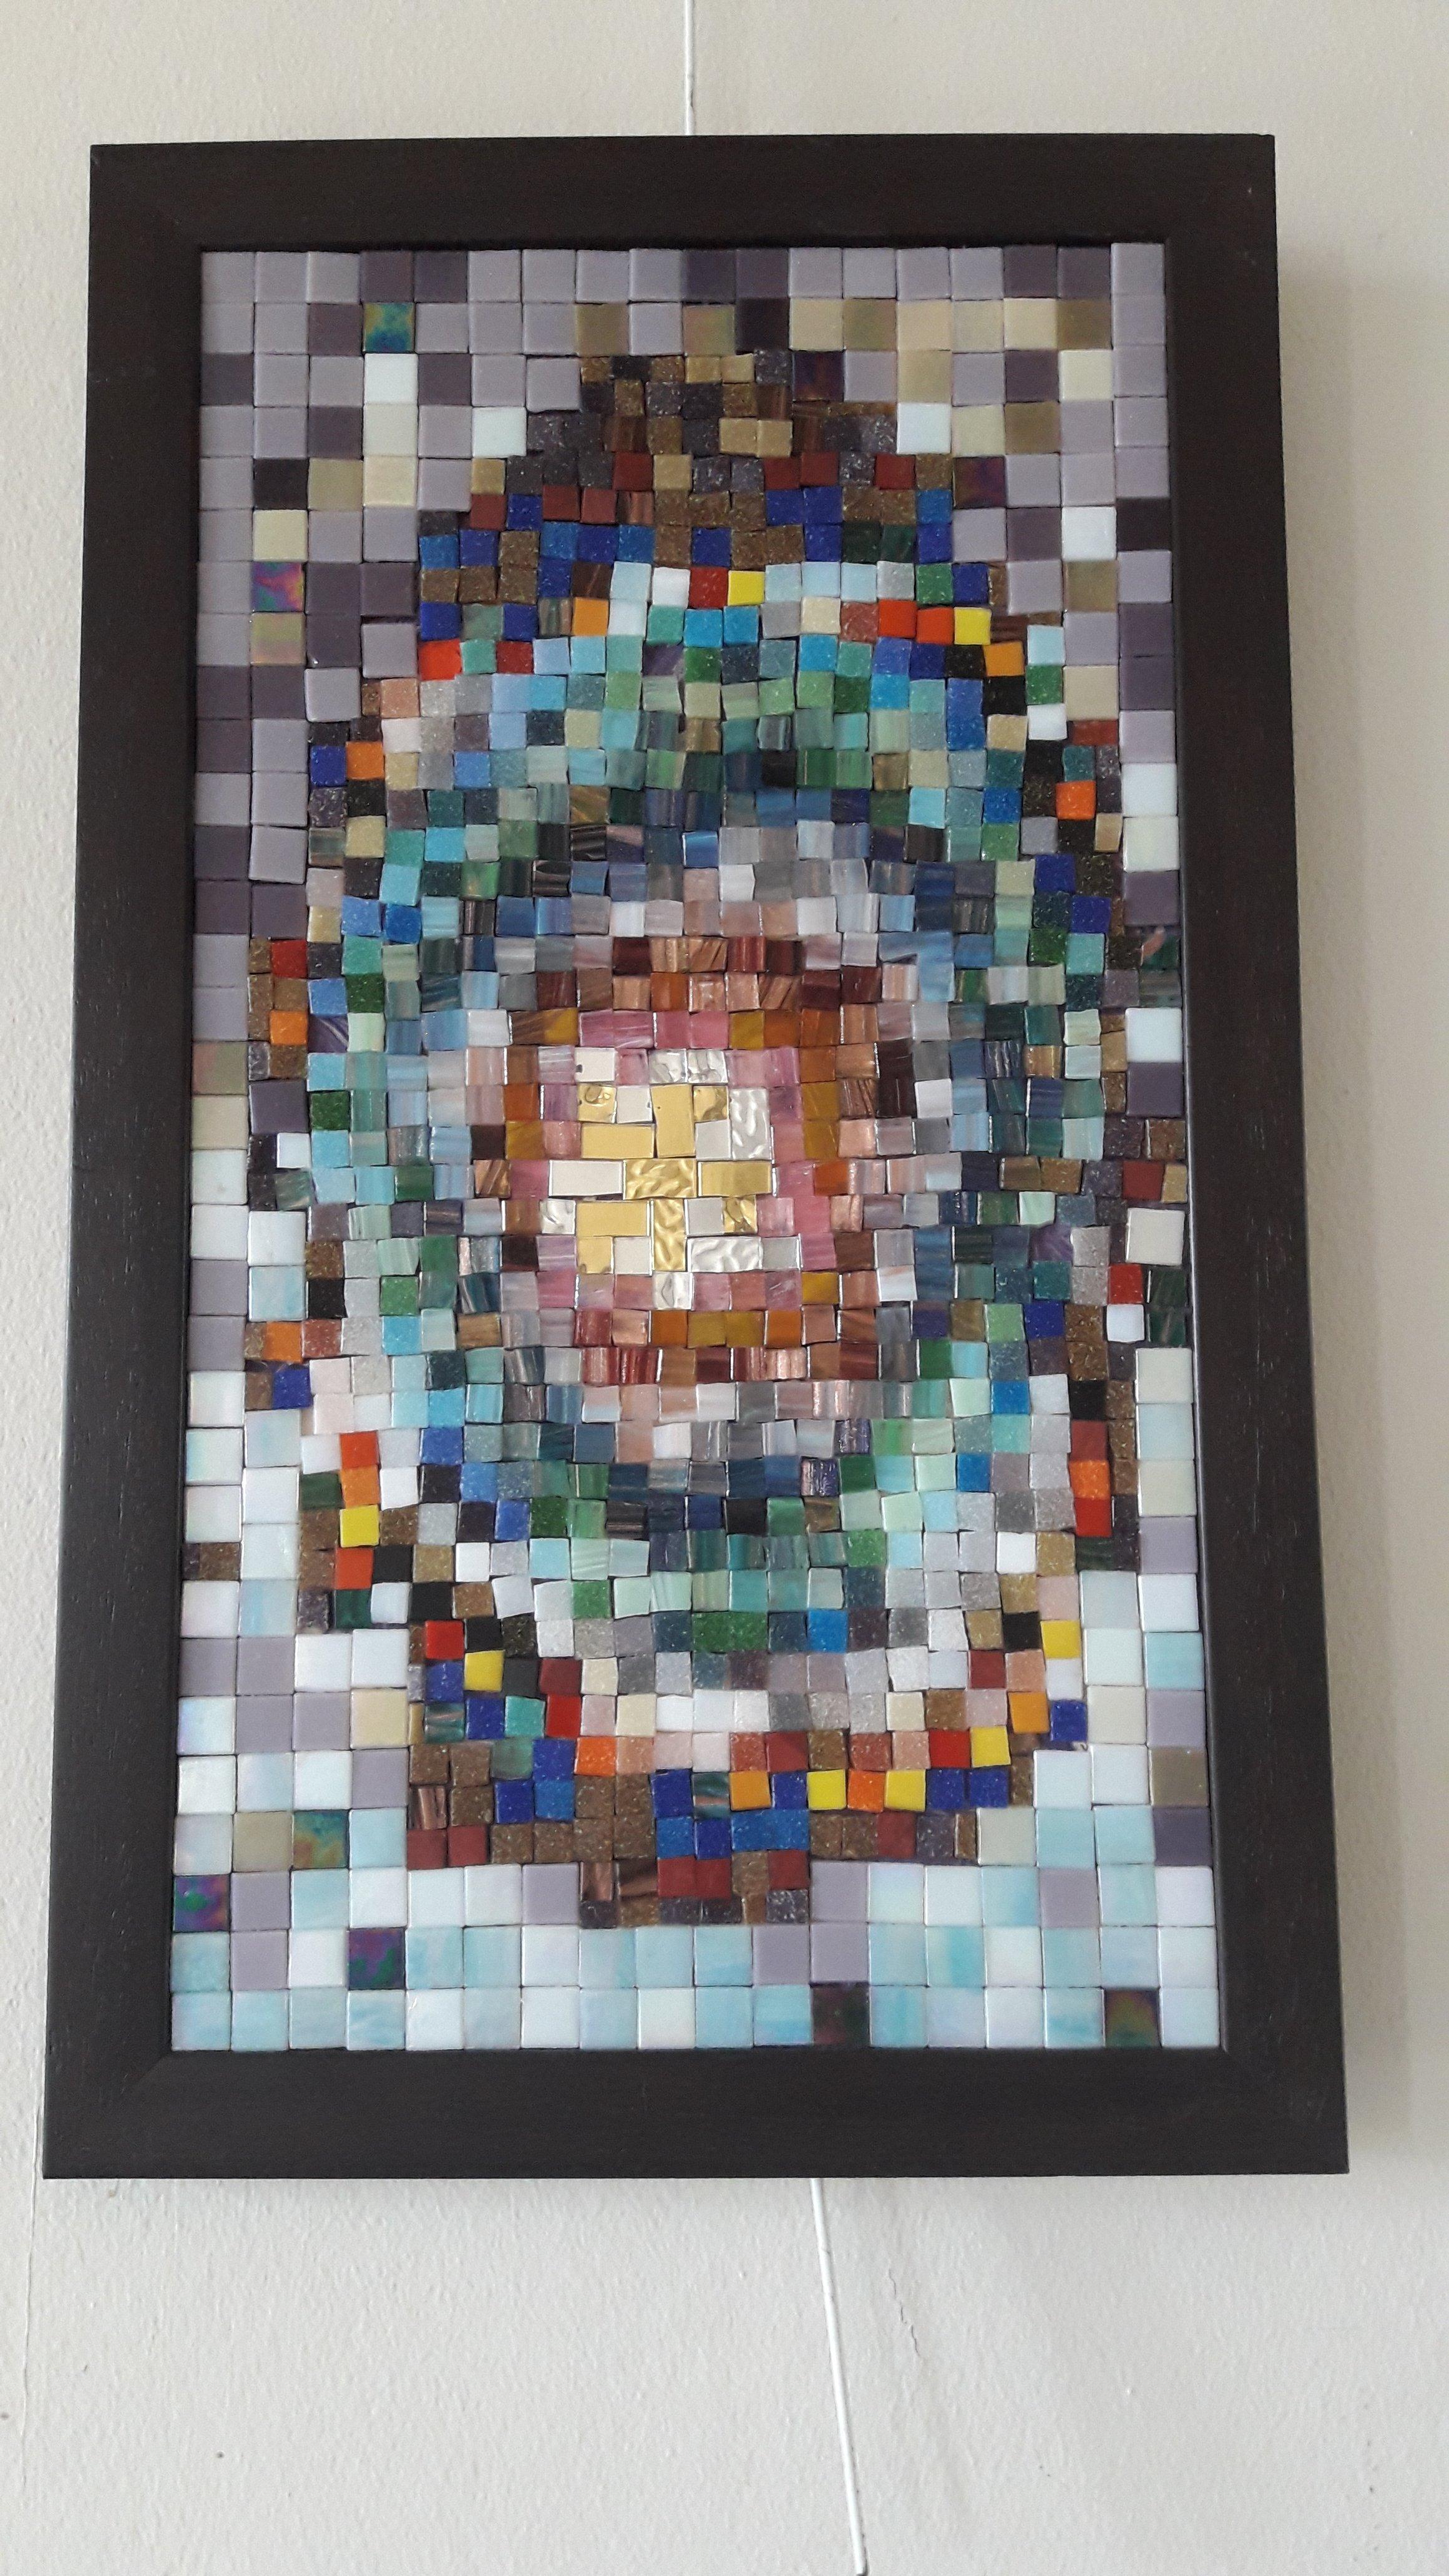 Alegori mozaik